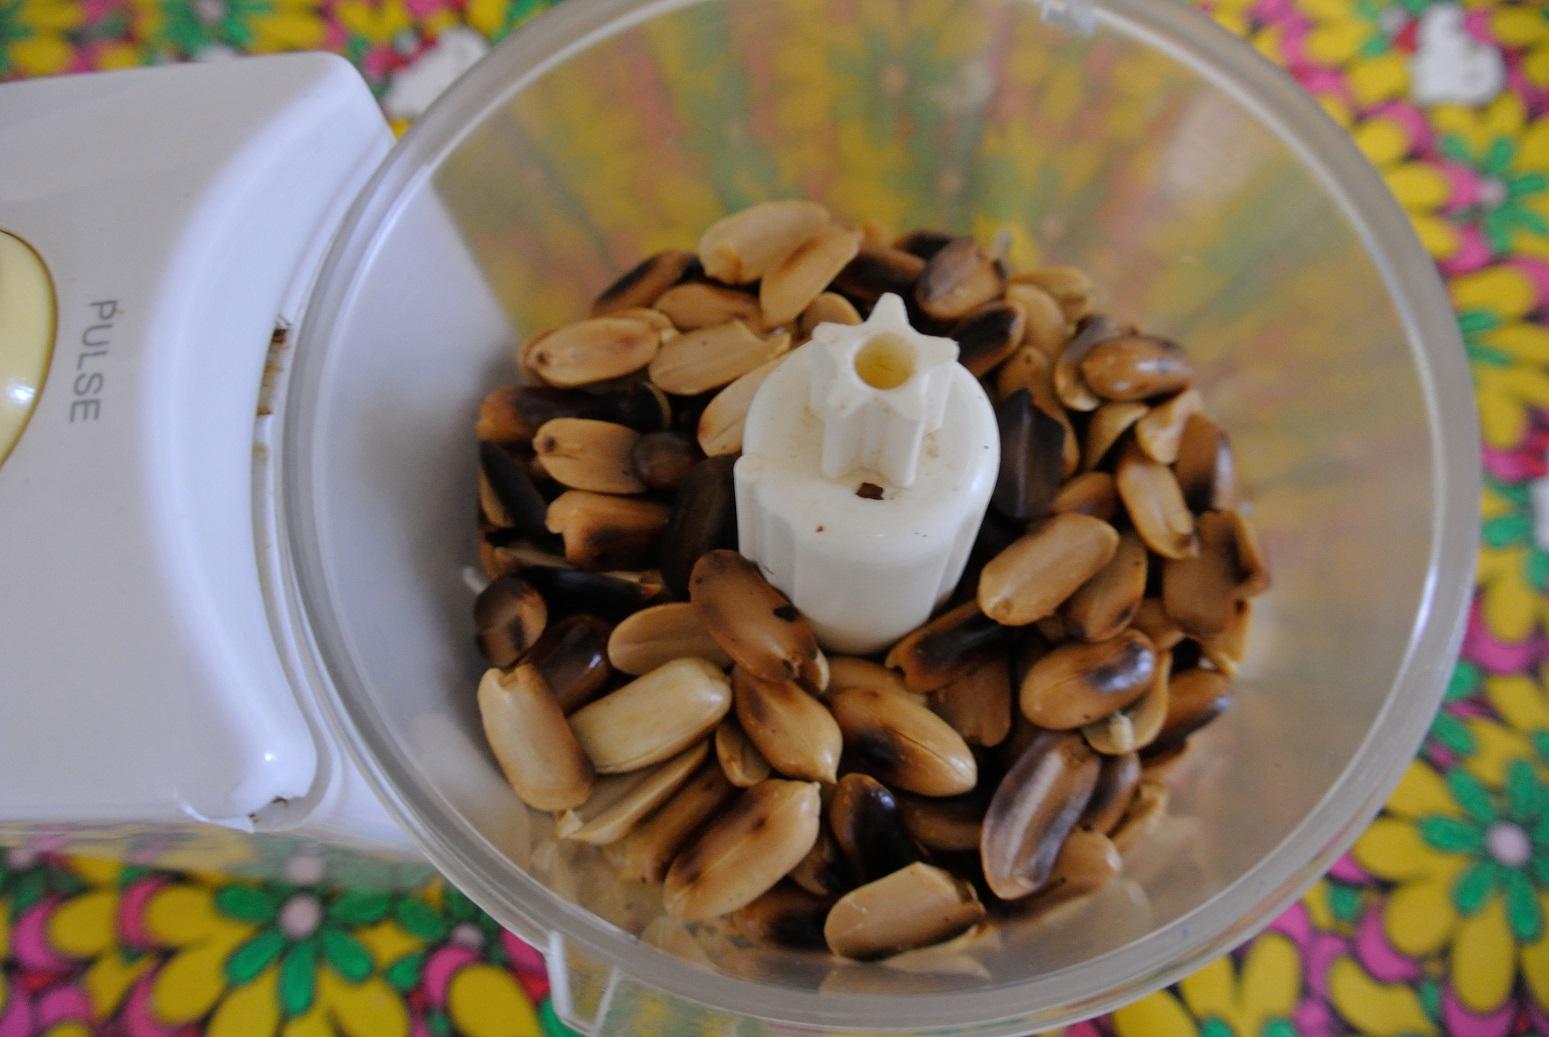 peanuts_06_5